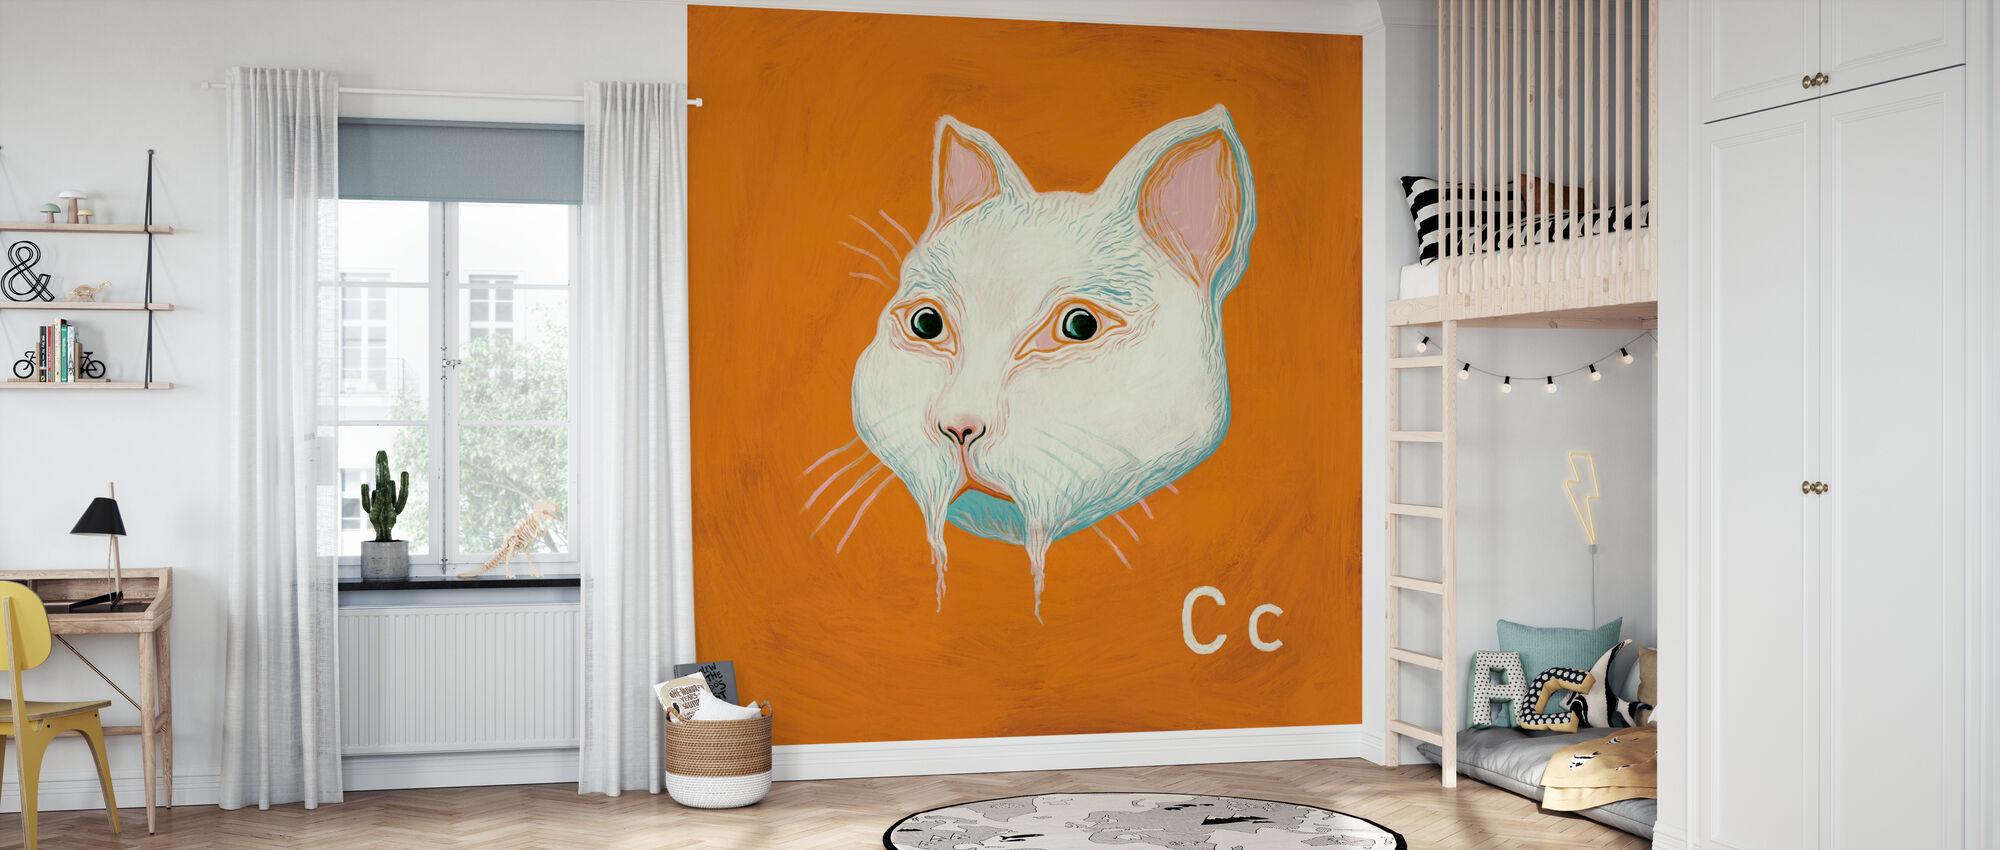 Katt med C - Tapet - Barnerom